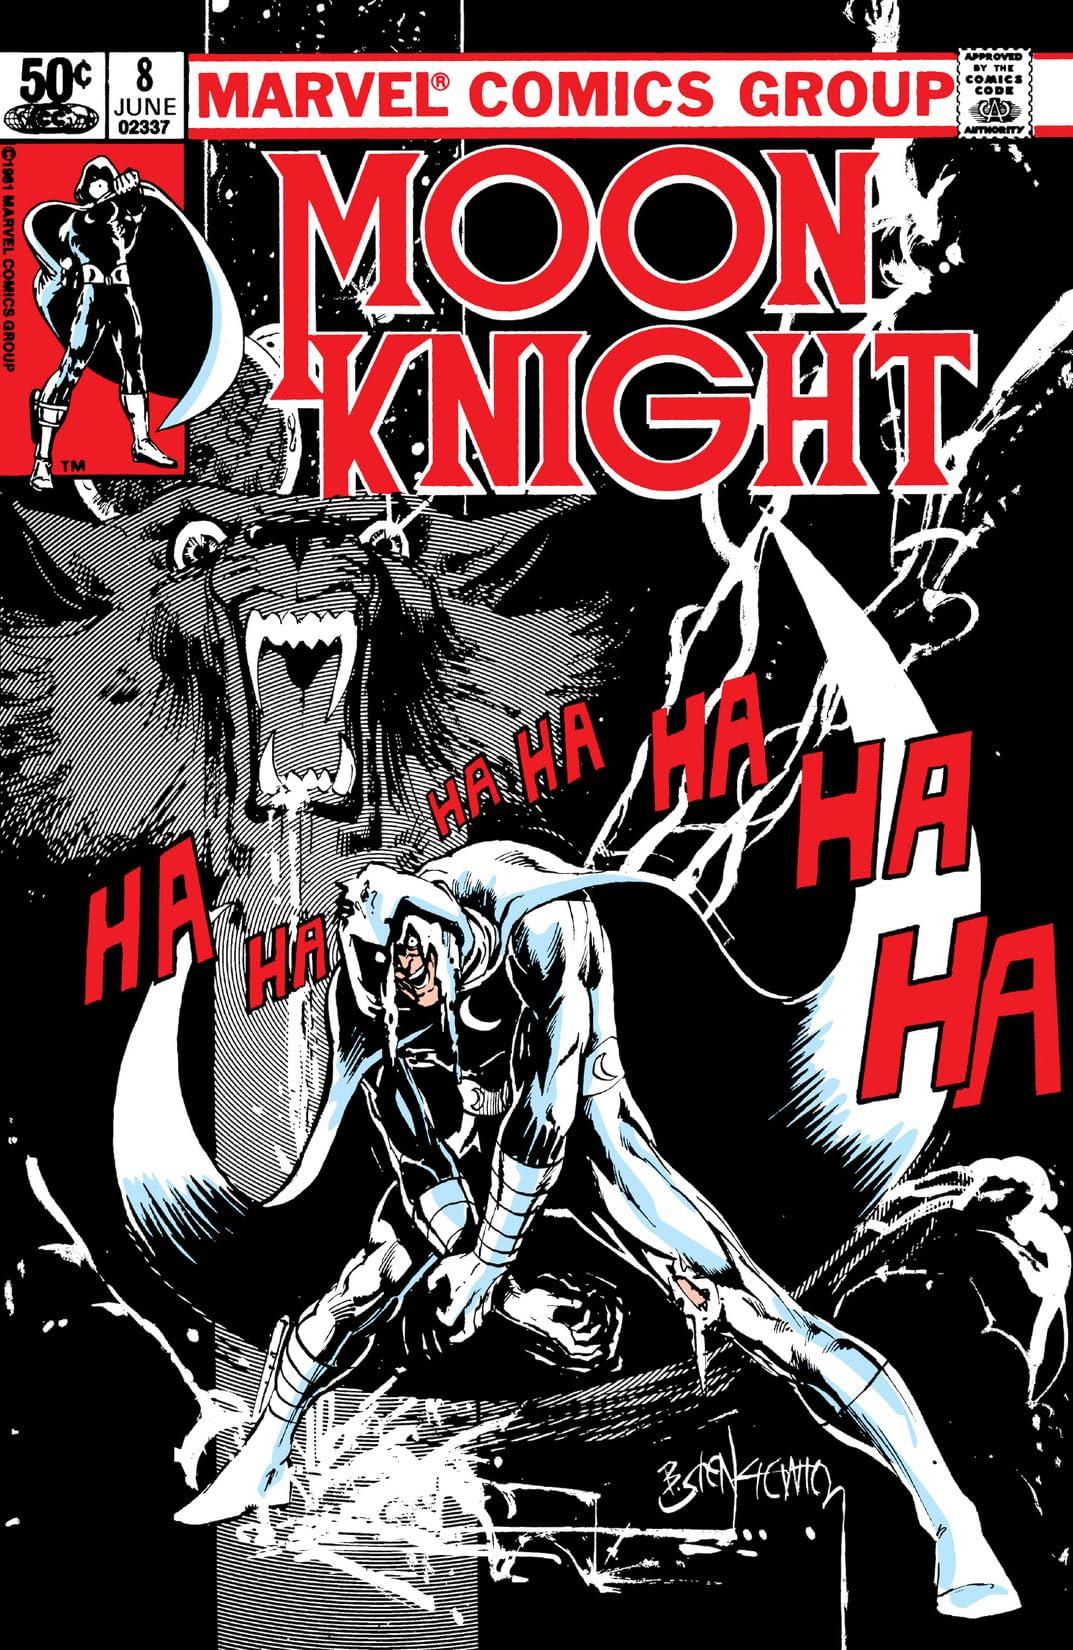 Moon Knight (1980-1984) #8